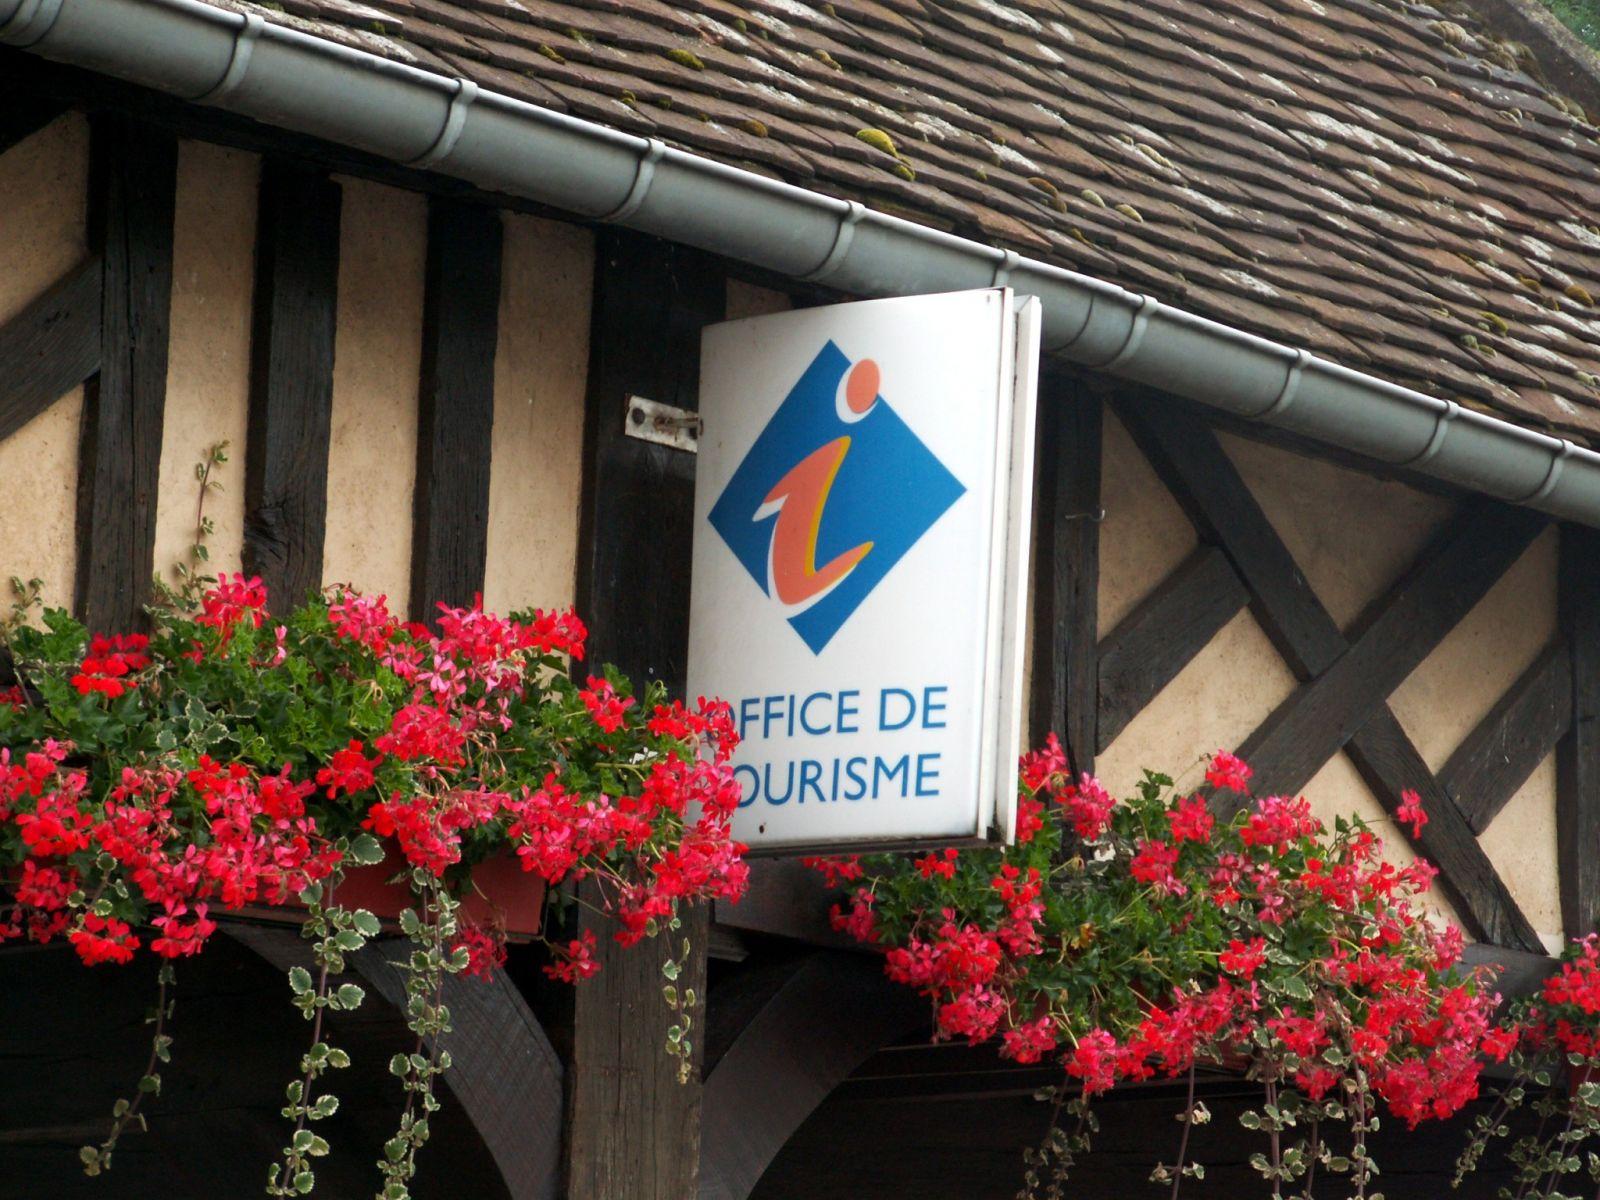 Tourismusb ros tourismusinformation manche basse normandie - Office de tourisme agon coutainville ...